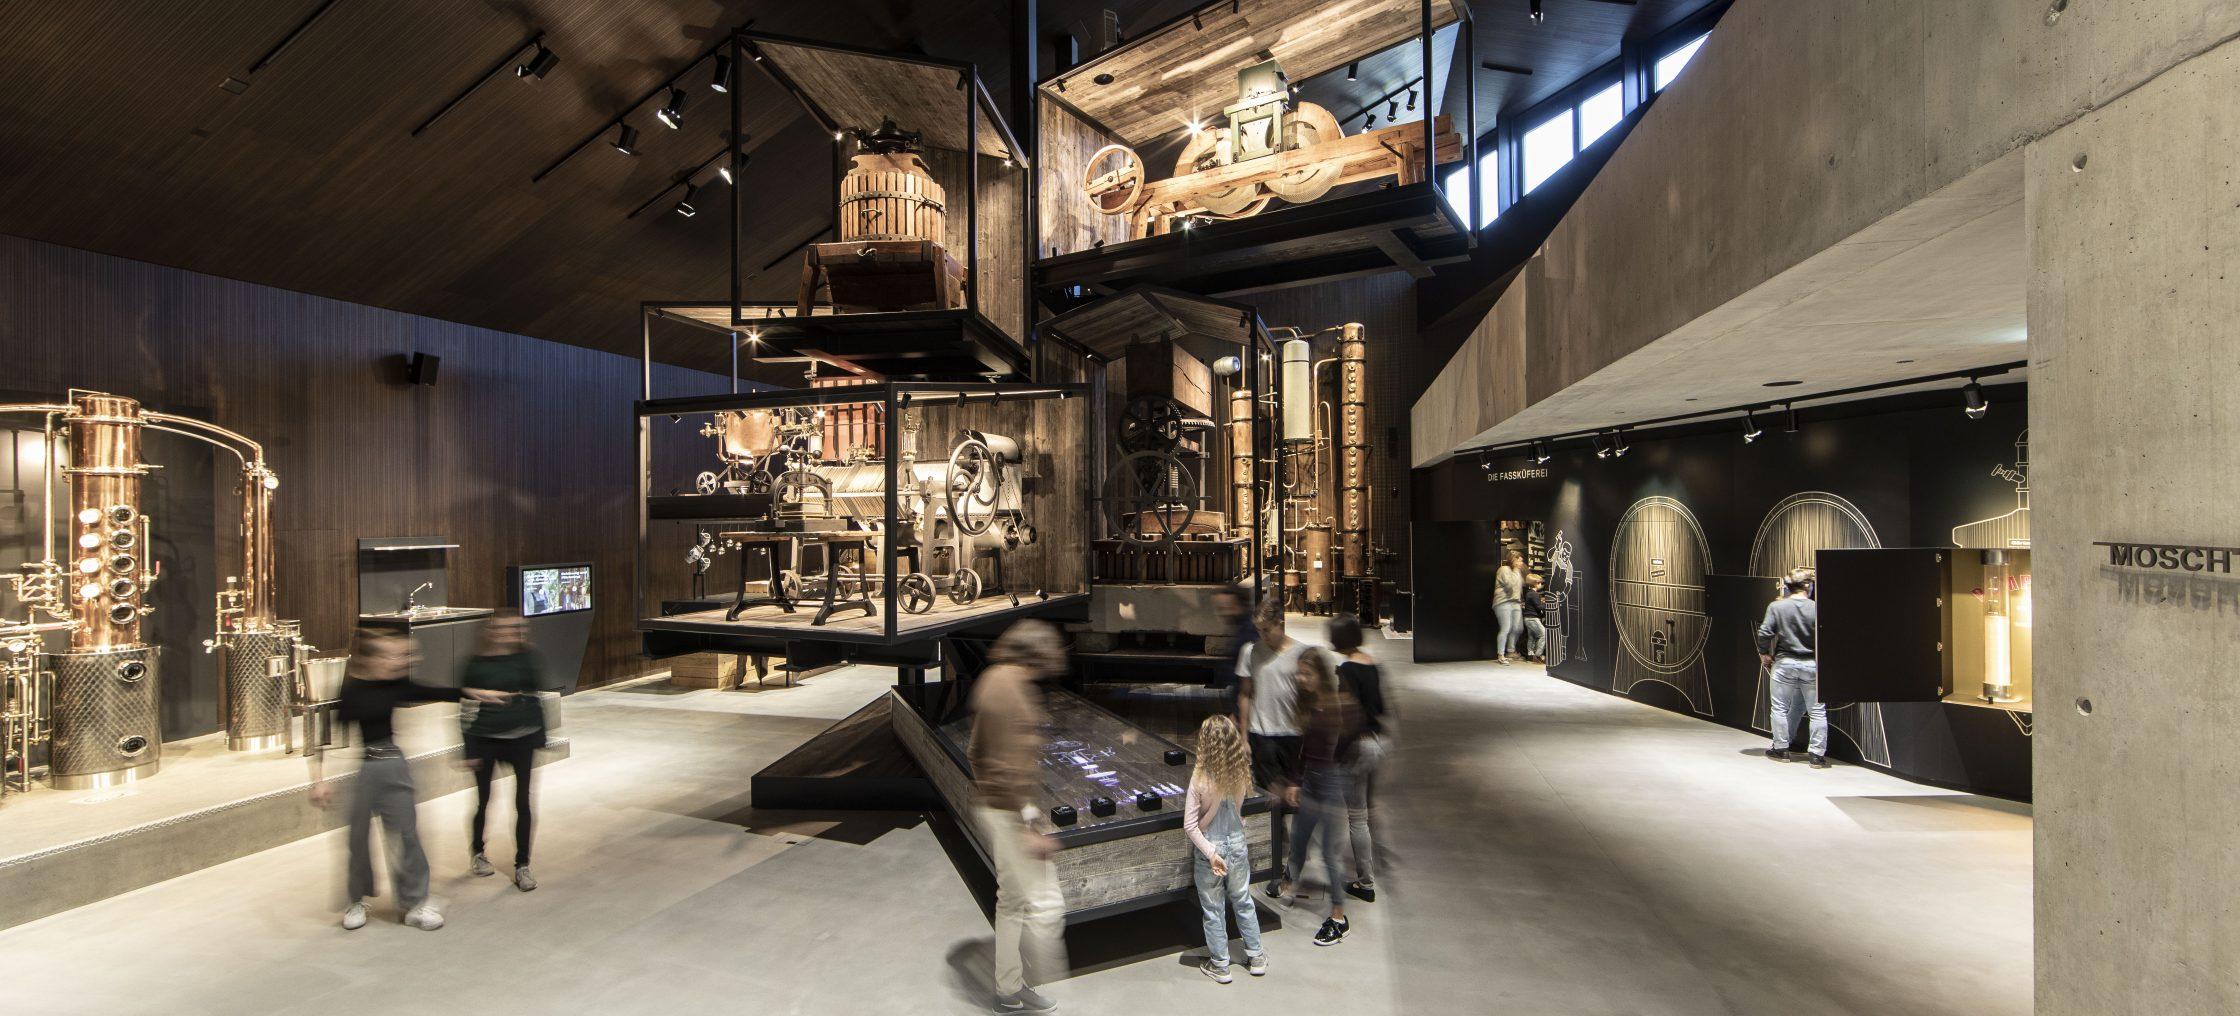 Bodensee Mostfabrik Ausstellung mit Besuchern und Vitrinen